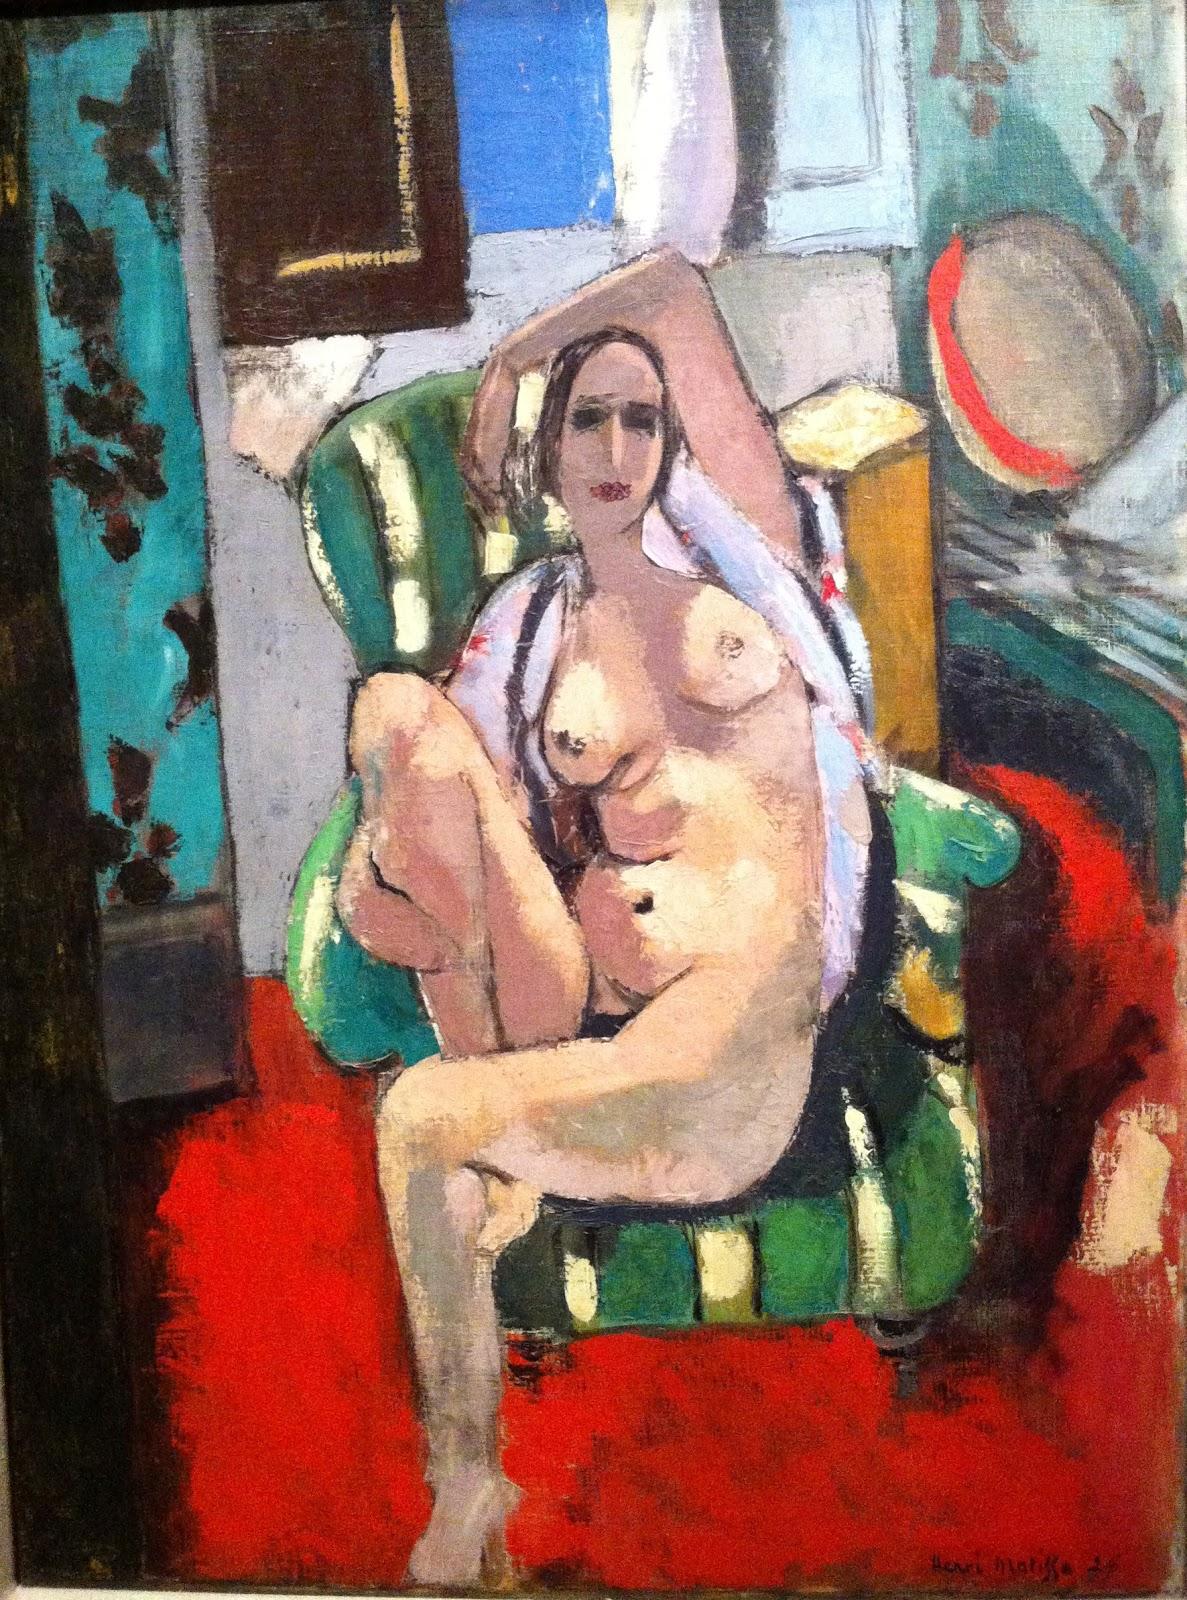 http://2.bp.blogspot.com/-uOGn2sApM7w/ULb3SCGhI6I/AAAAAAAACCQ/d2iXV2MlsbI/s1600/Matisse_odalisque.jpg